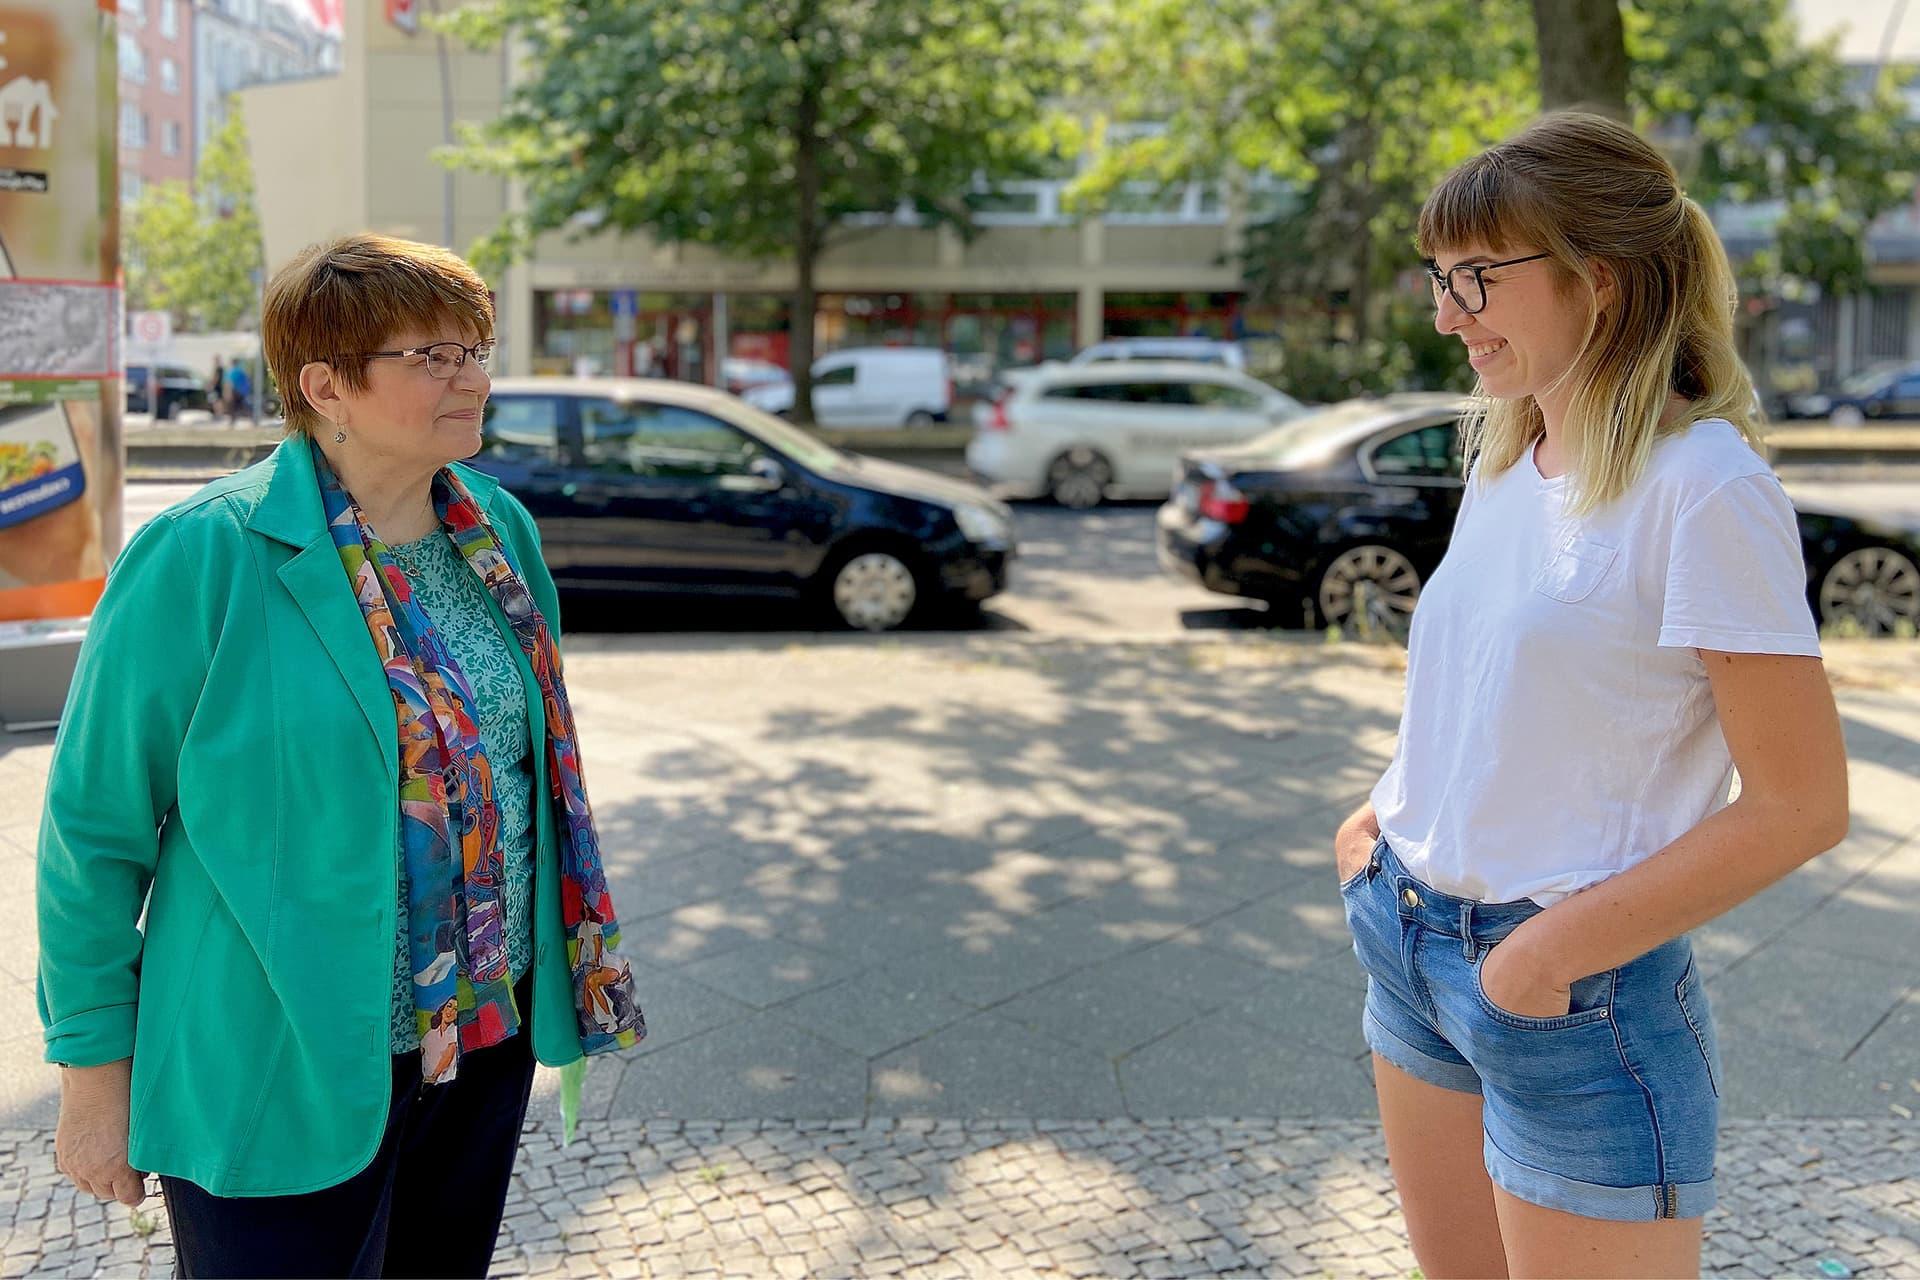 Heidemarie Fischer (l.), Vorsitzende der AG 60 plus Berlin, diskutiert mit Ferike Thom von den Berliner Jusos über Generationengerechtigkeit.